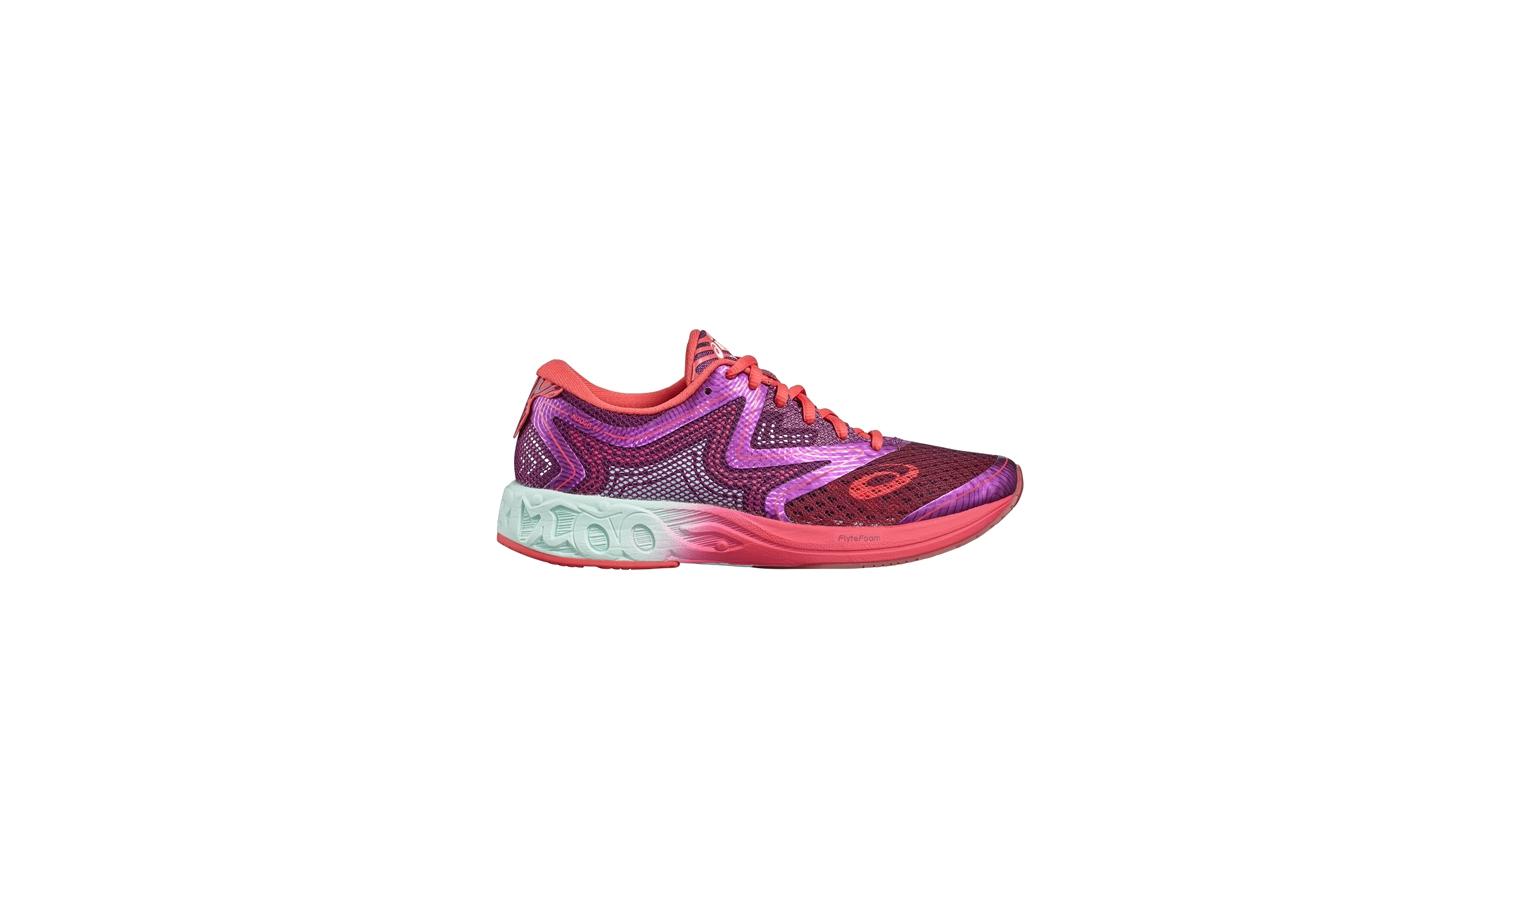 0bde1498fef ... Dámské běžecké boty Asics NOOSA FF W fialové. 0 Kč Sleva